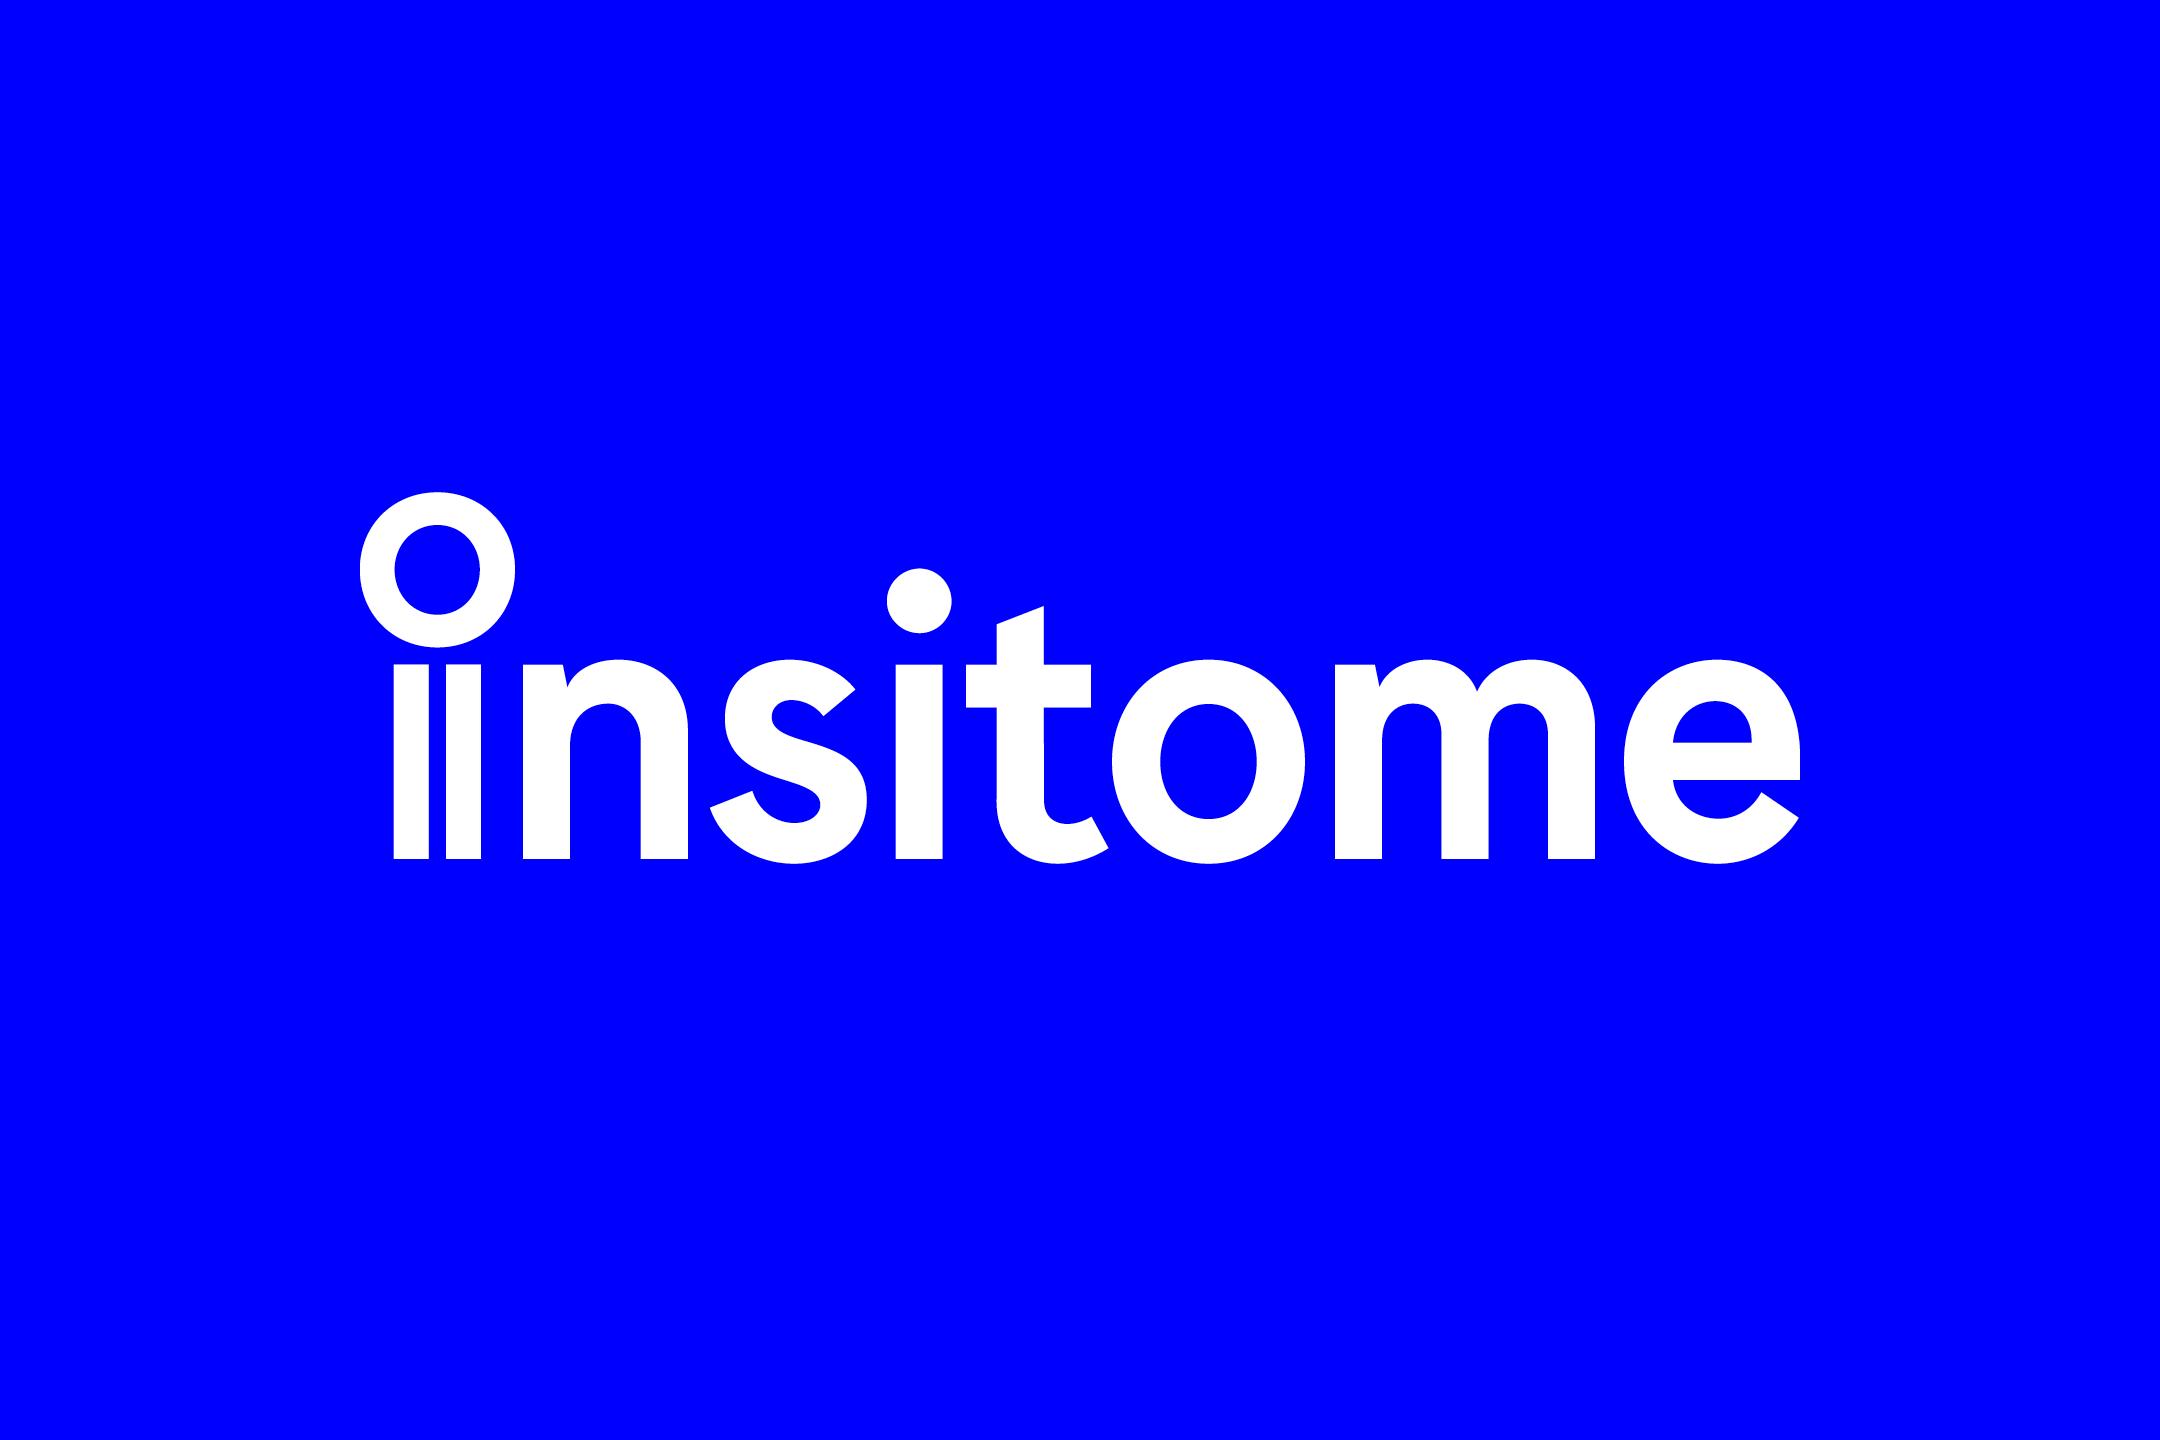 Insitome Logo